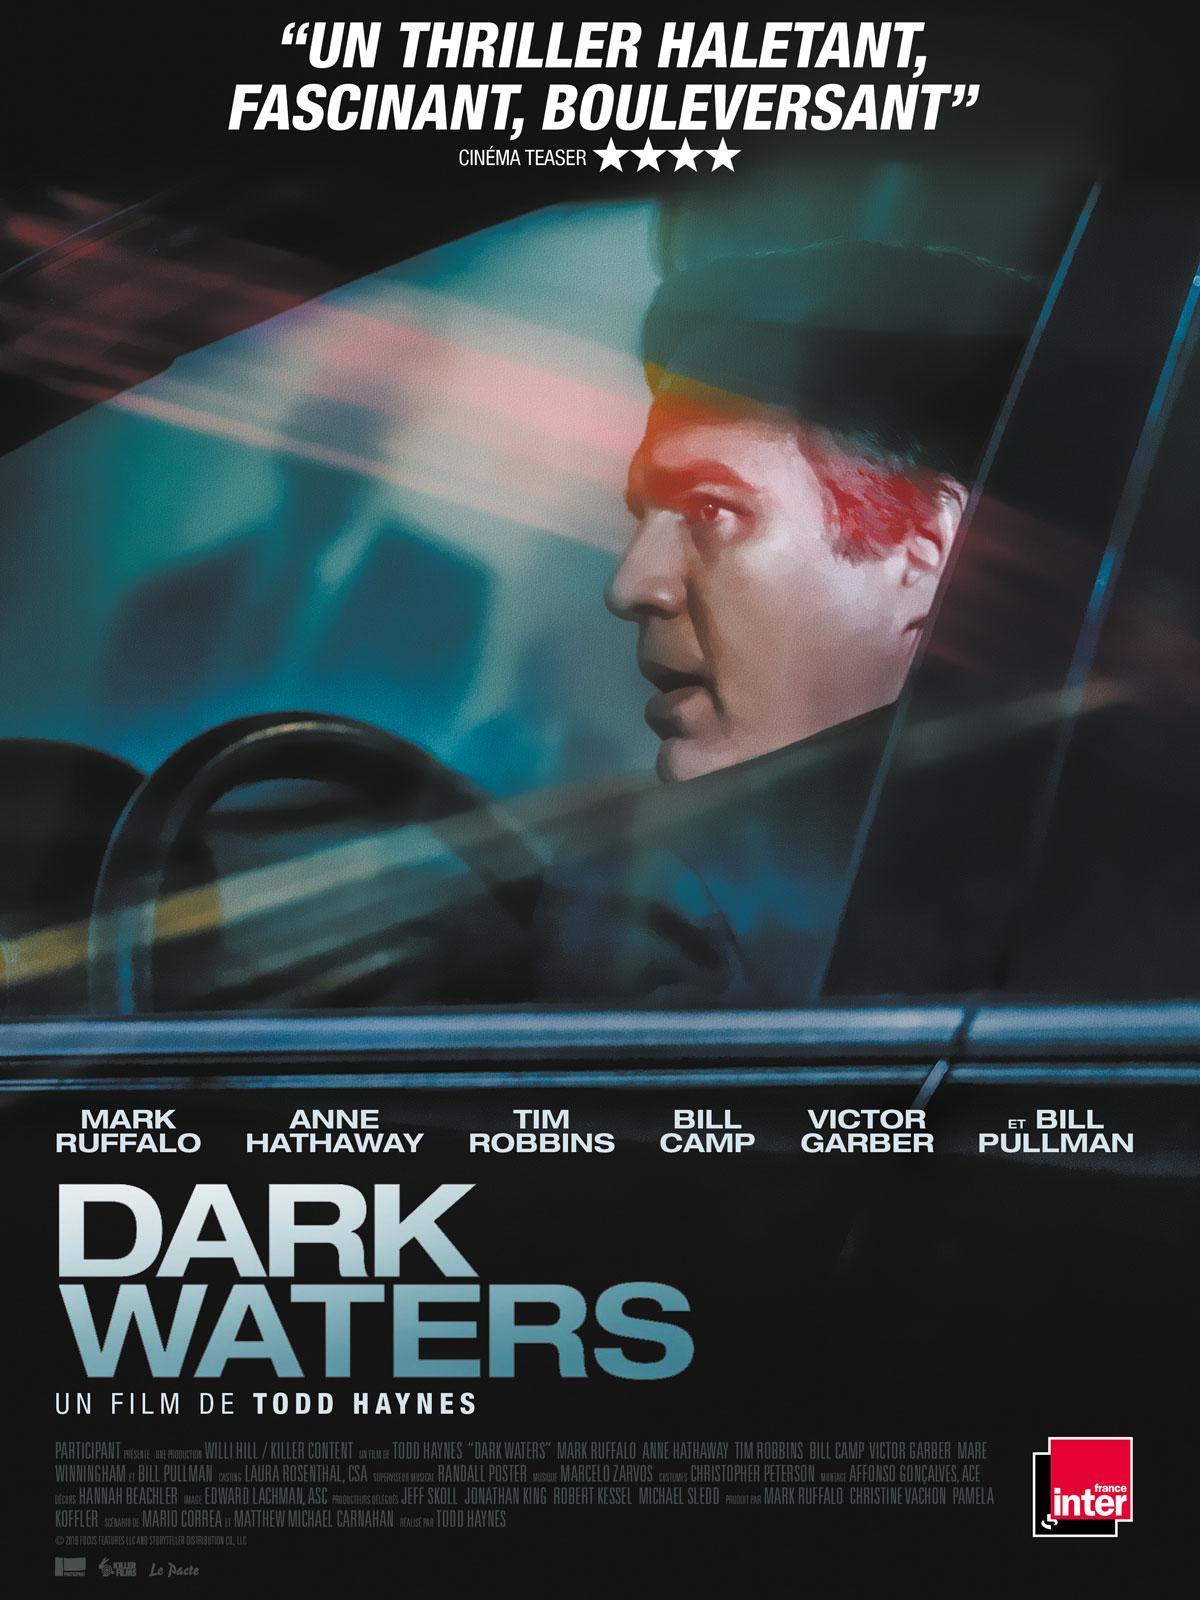 Dark Waters de Todd Haynes